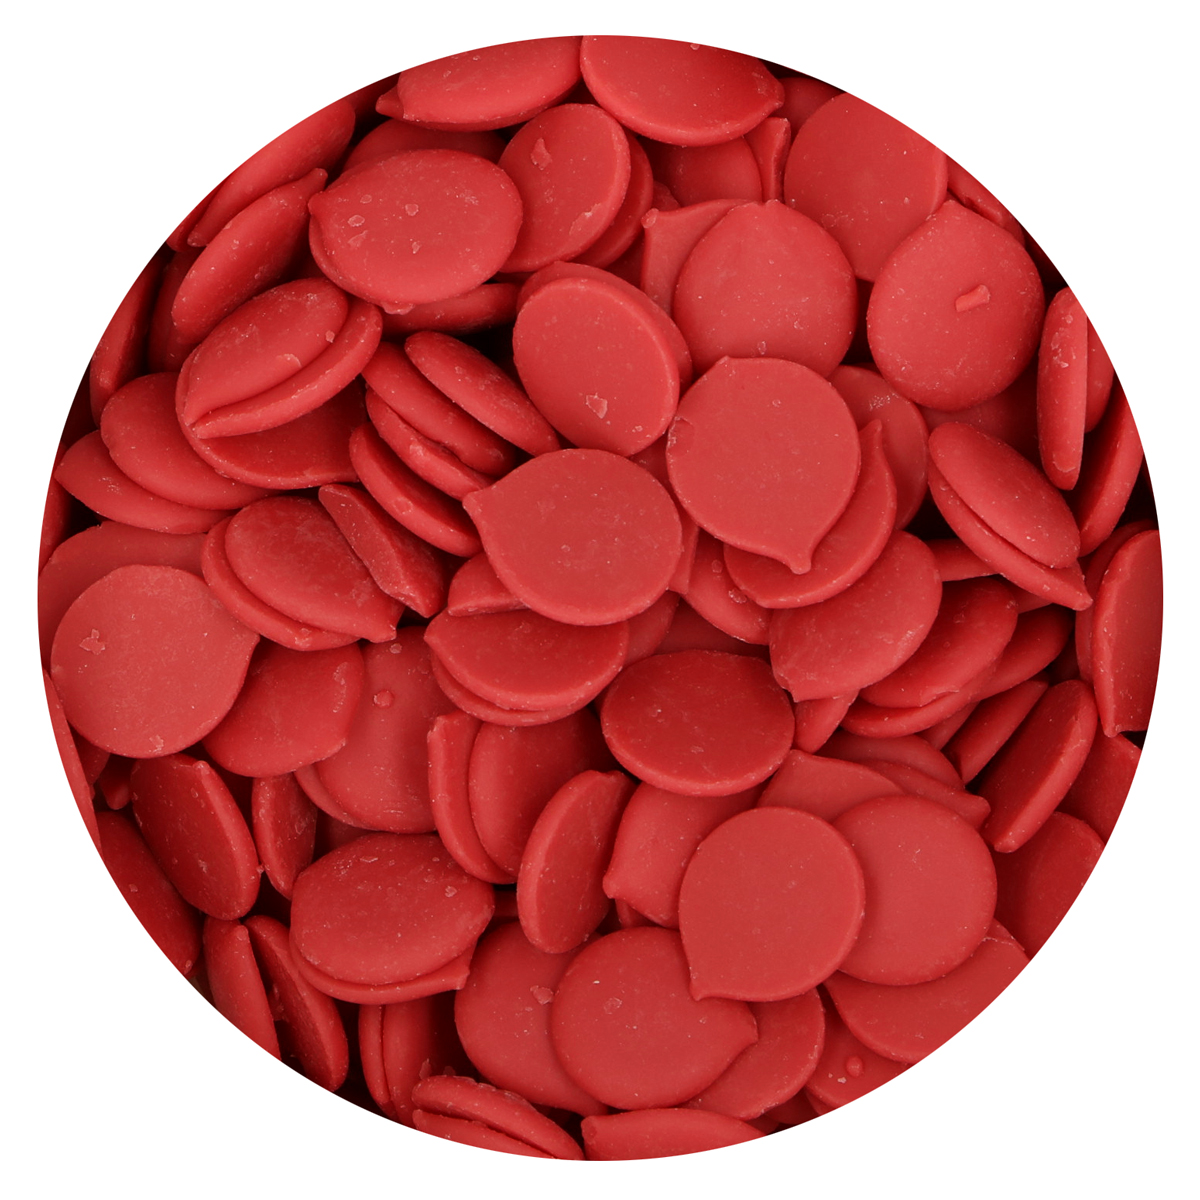 Imagen de producto: https://tienda.postreadiccion.com/img/articulos/secundarias12796-deco-melts-rojos-250-g-funcakes-1.jpg